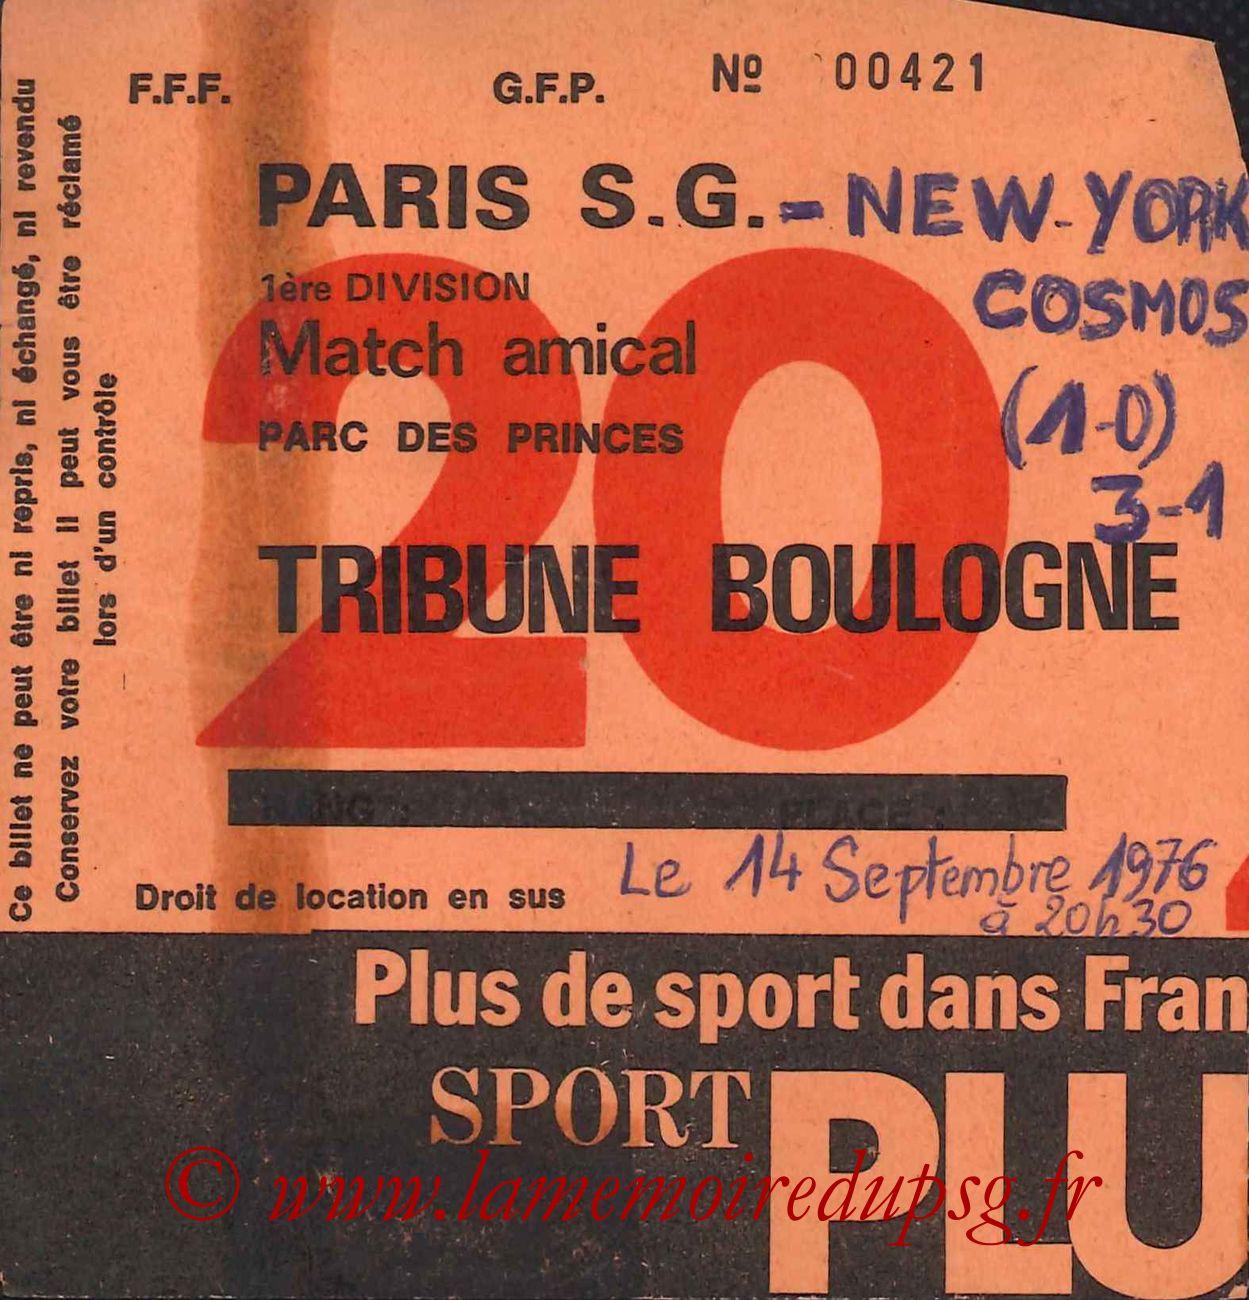 1976-09-14  PSG-Cosmos New York (Amical au Parc des Princes, Sans nom N°20)